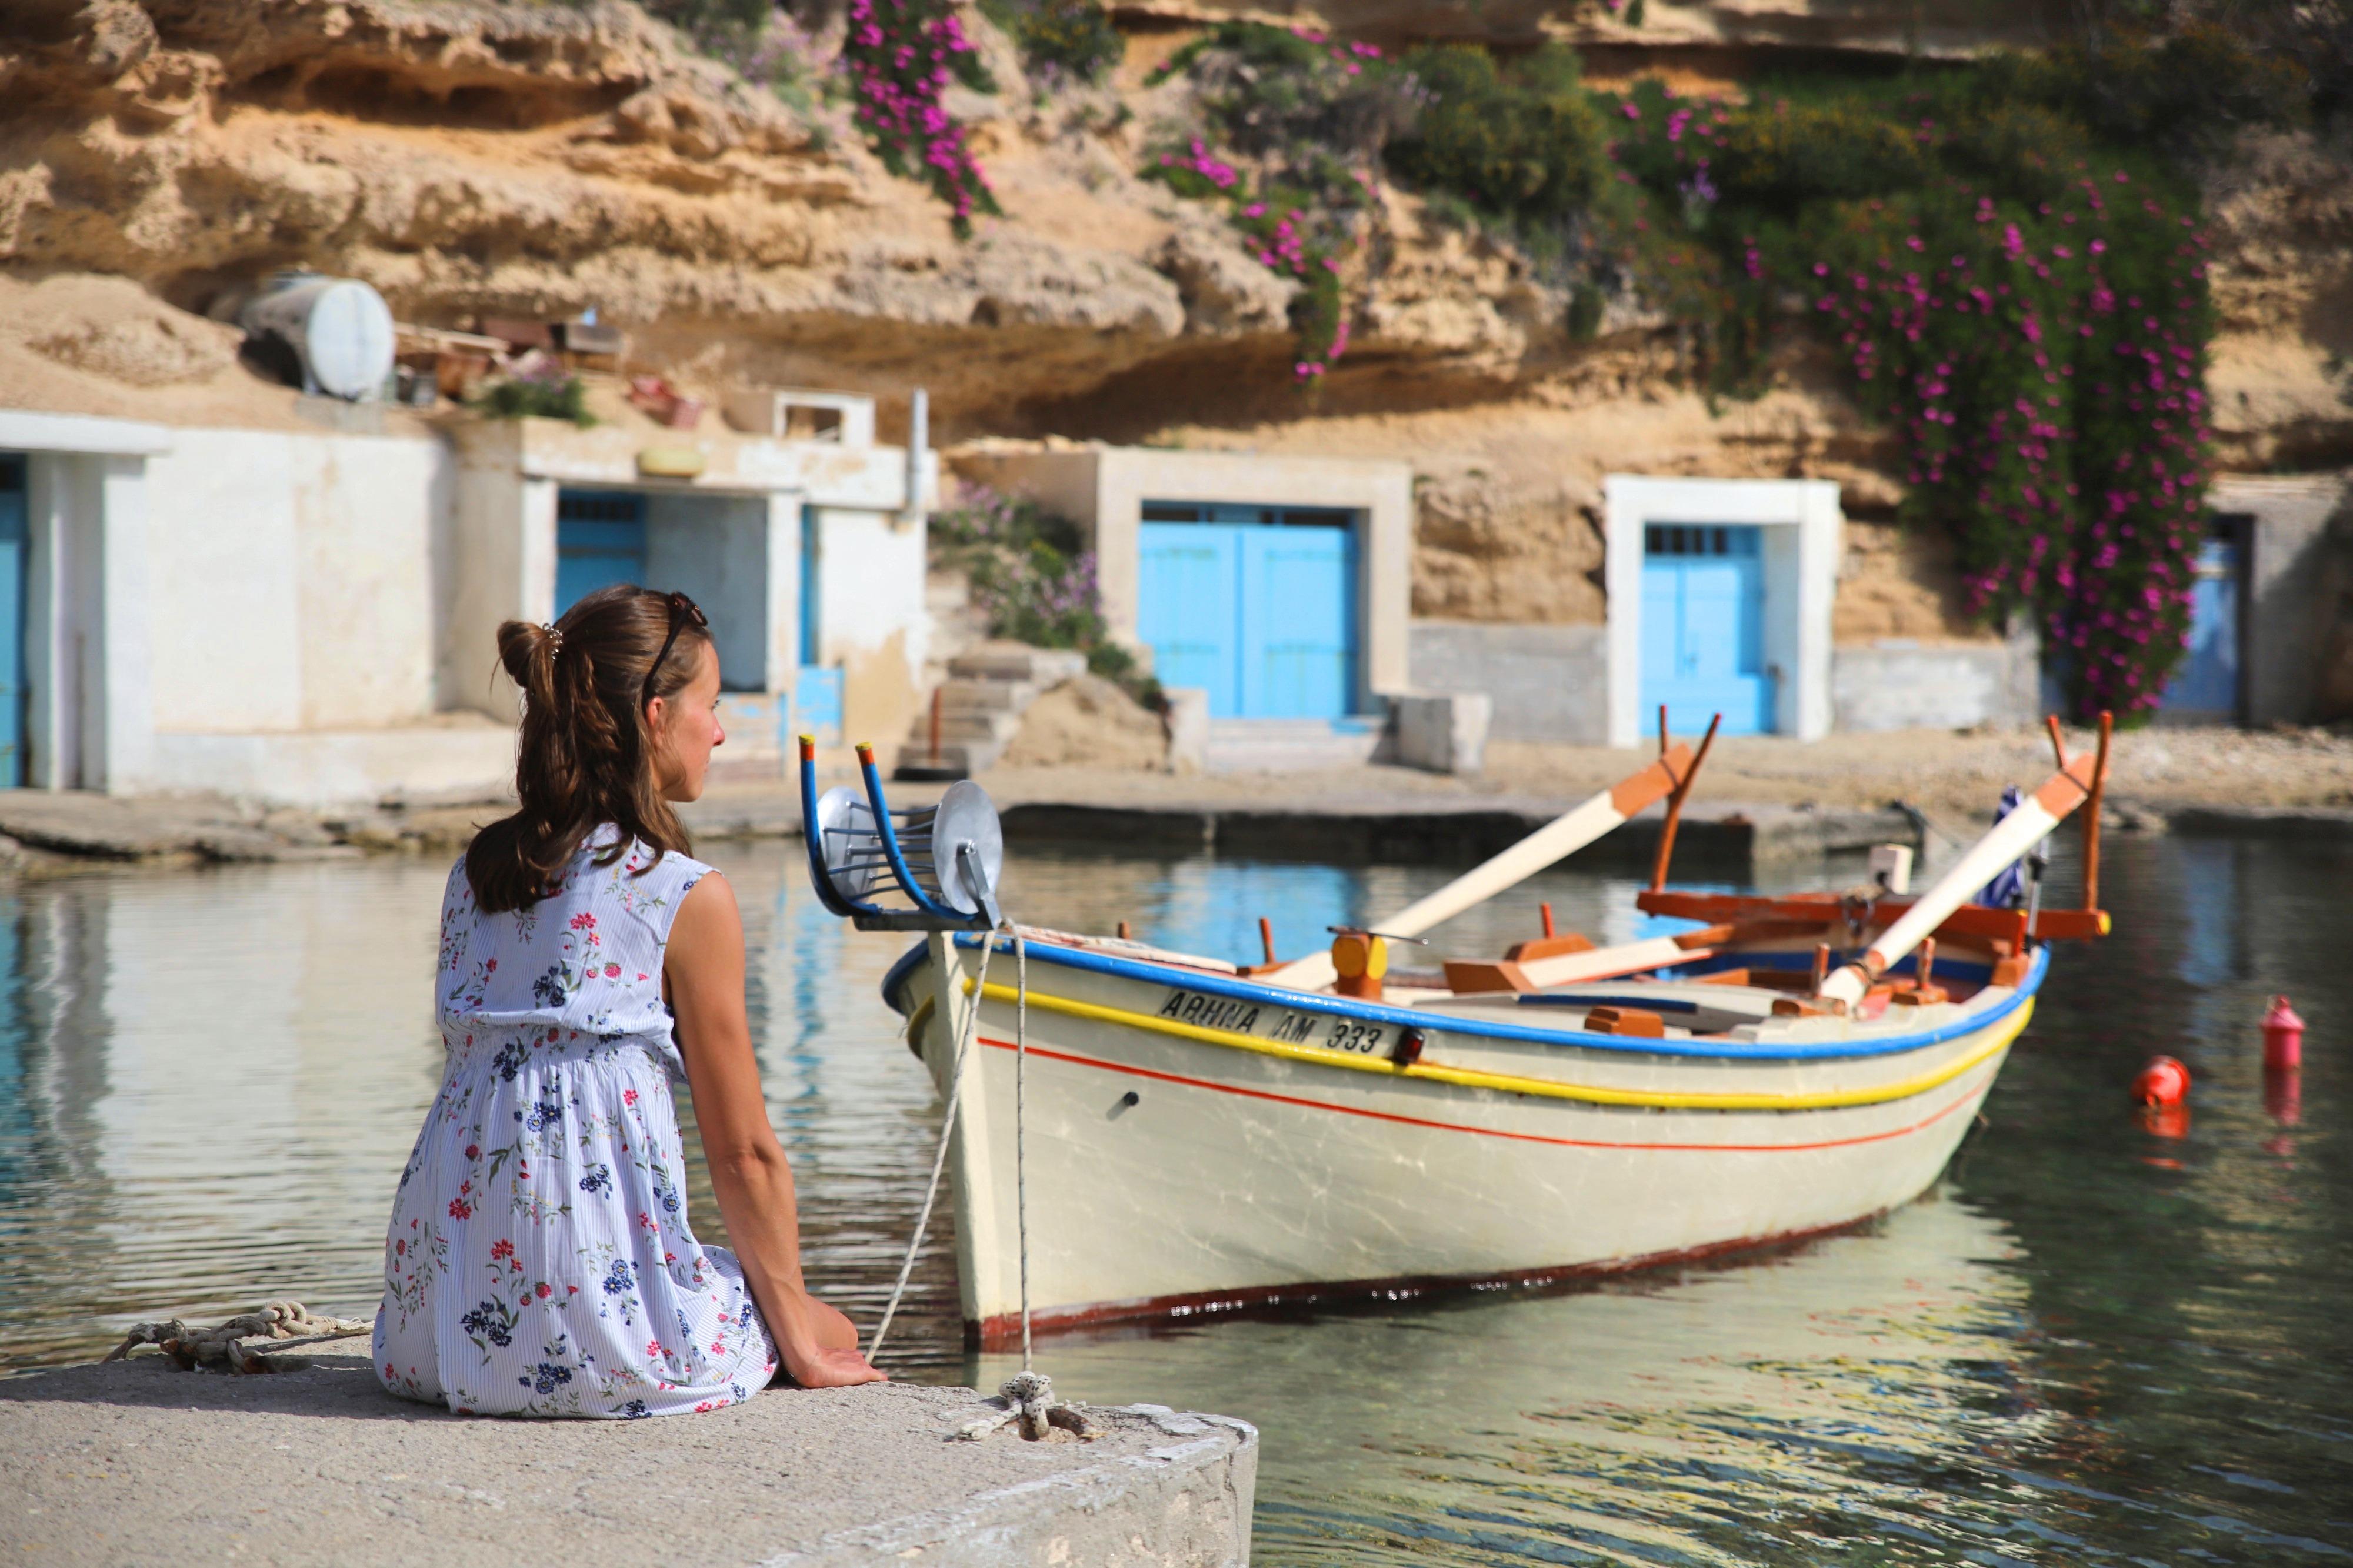 Herrlich idyllisch und wenige Touristen: Milos ist wirklich die Perle der Kykladen!